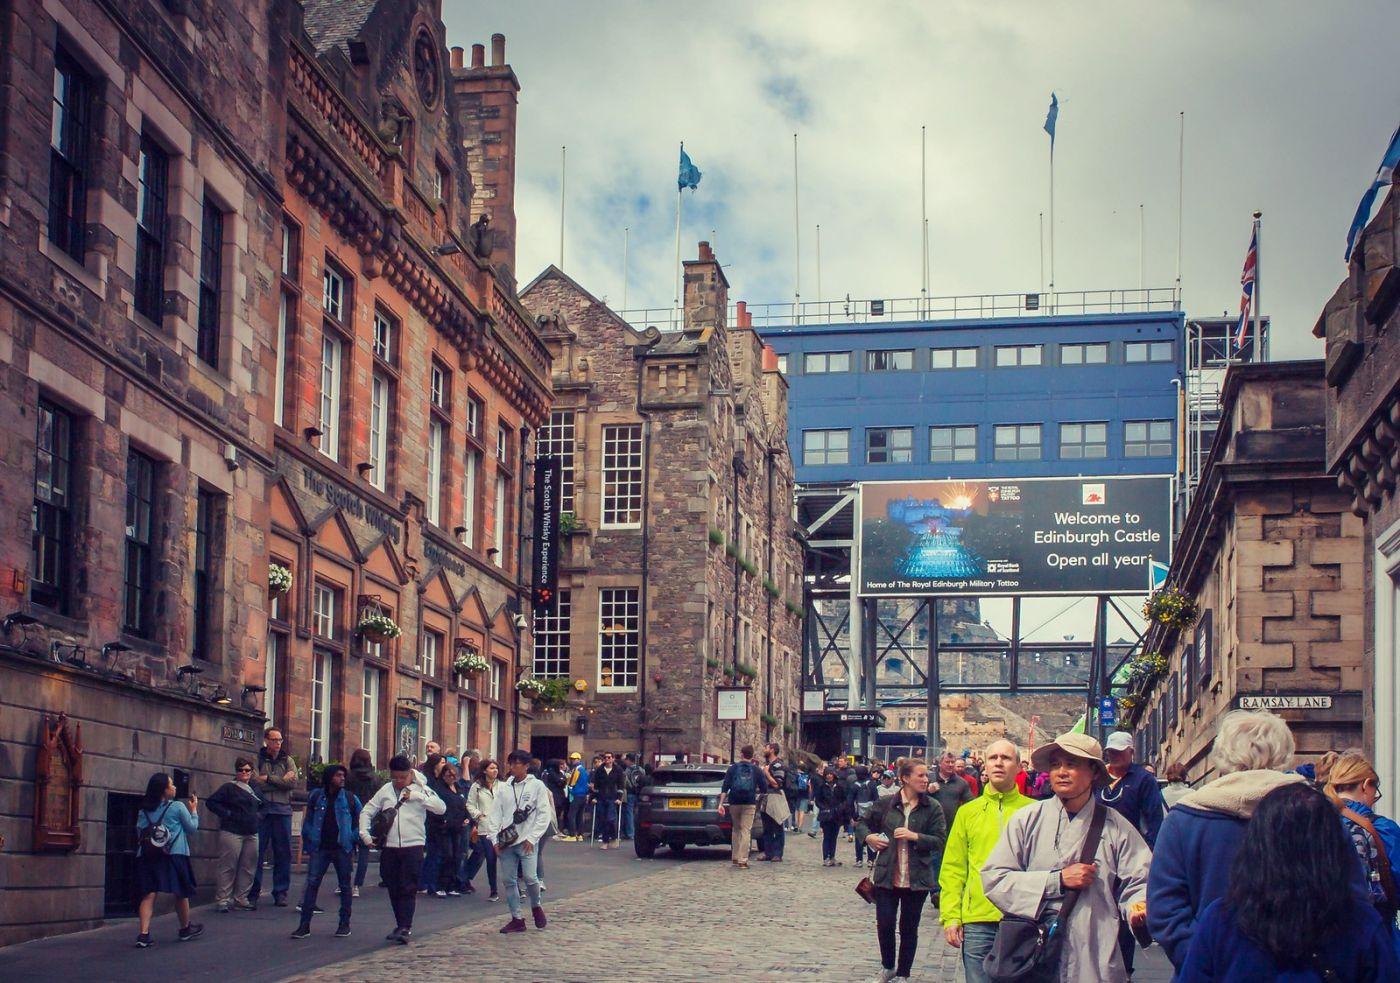 苏格兰爱丁堡,老城市老文化_图1-20